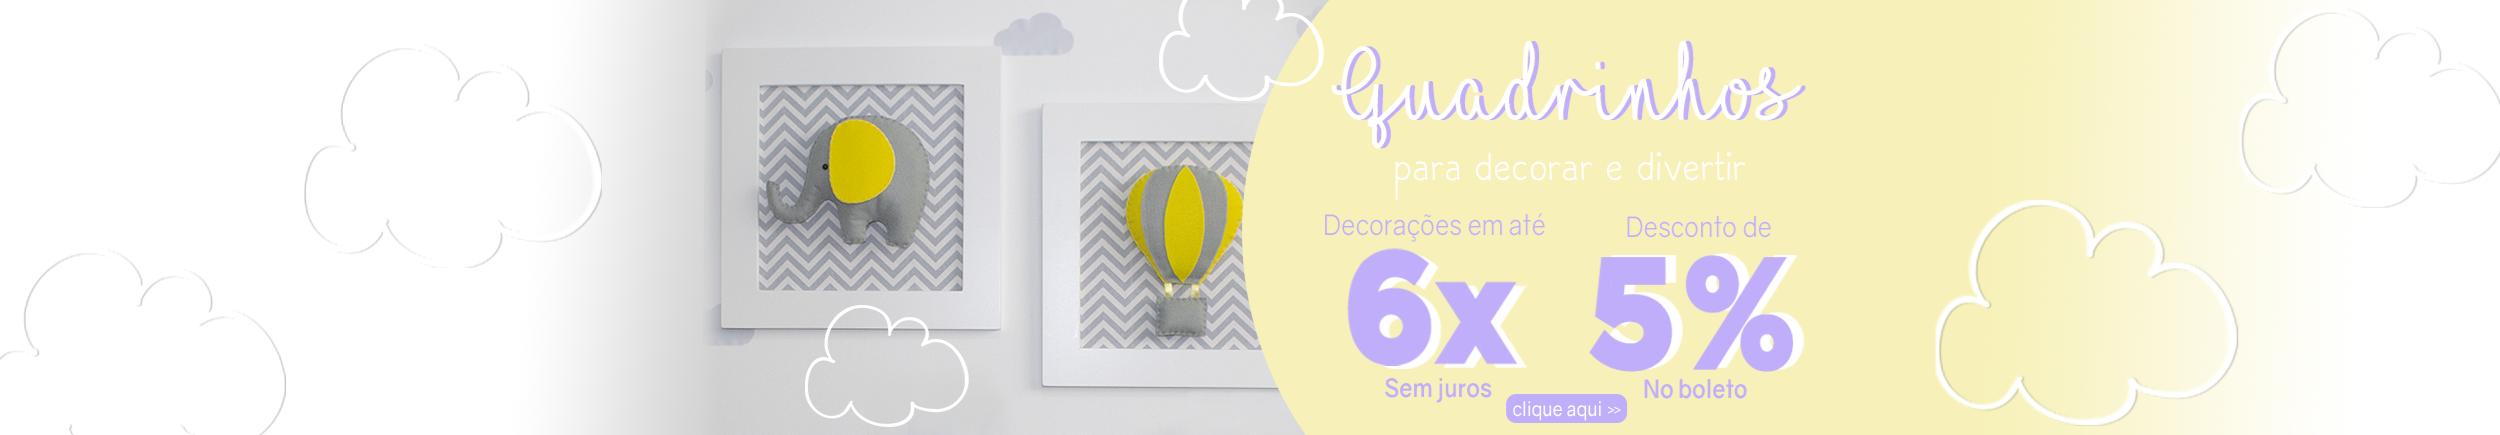 Banner Quadros Decorativos